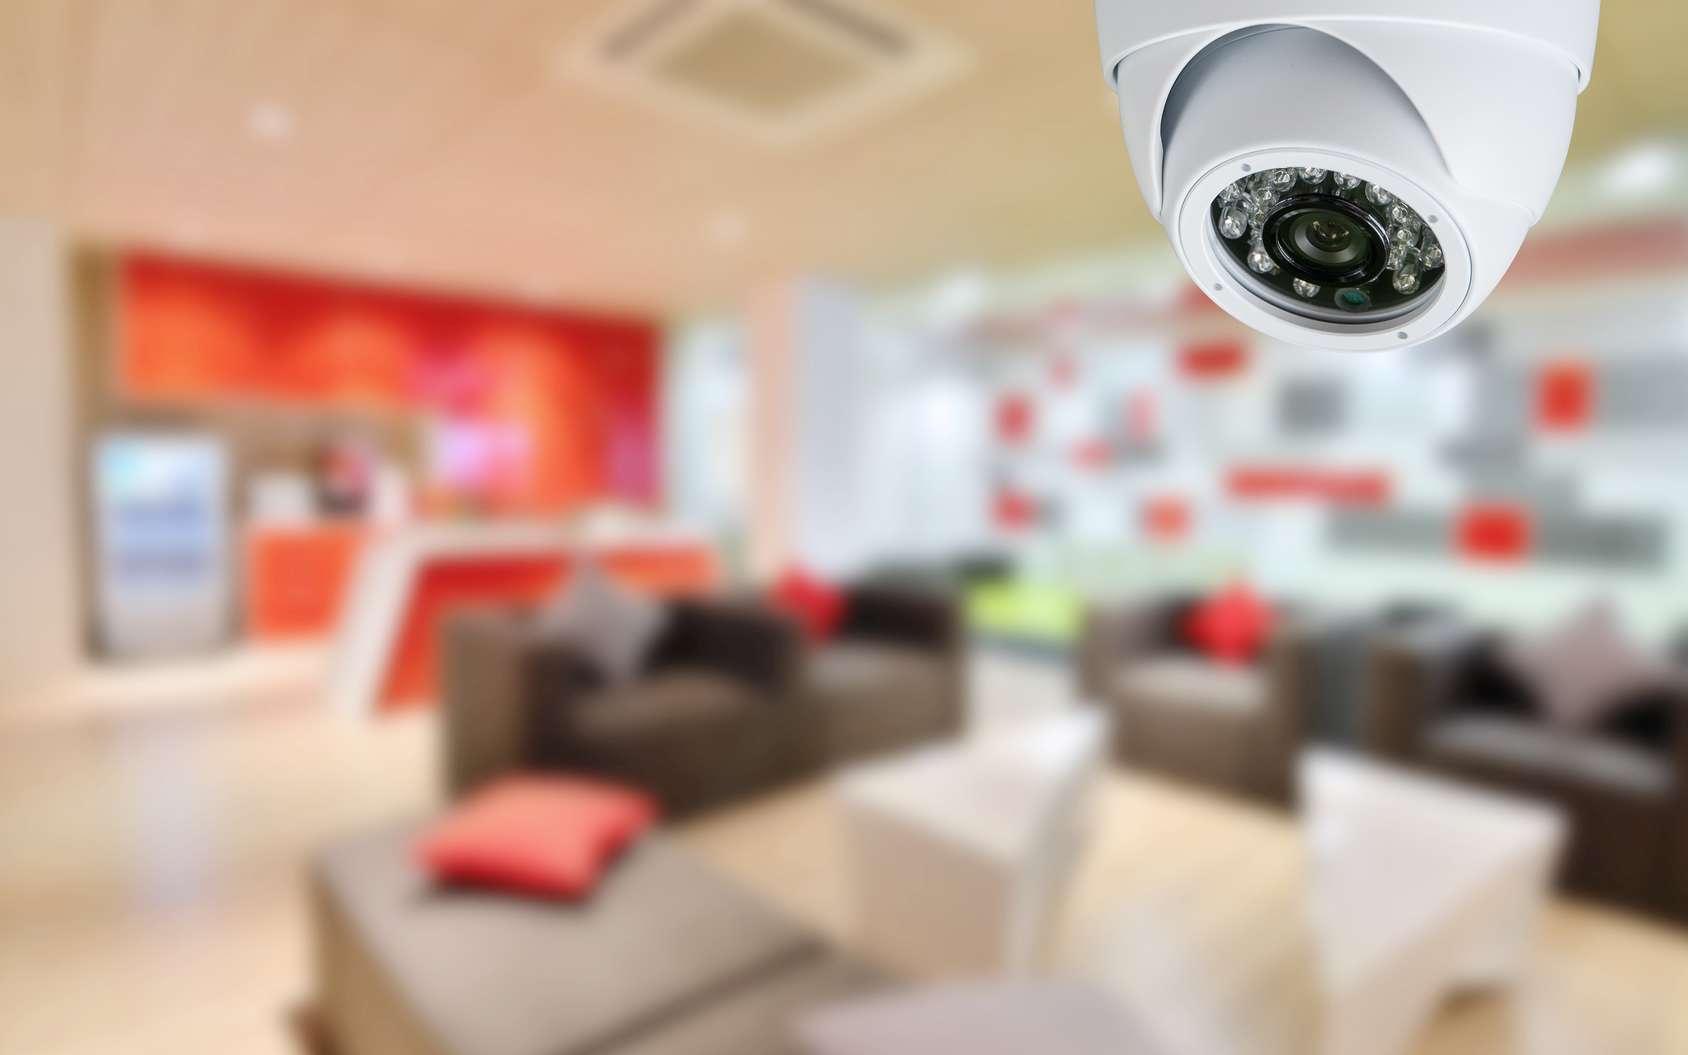 Les caméras de sécurité domestiques sont de plus en plus répandues. © photographicss, Fotolia